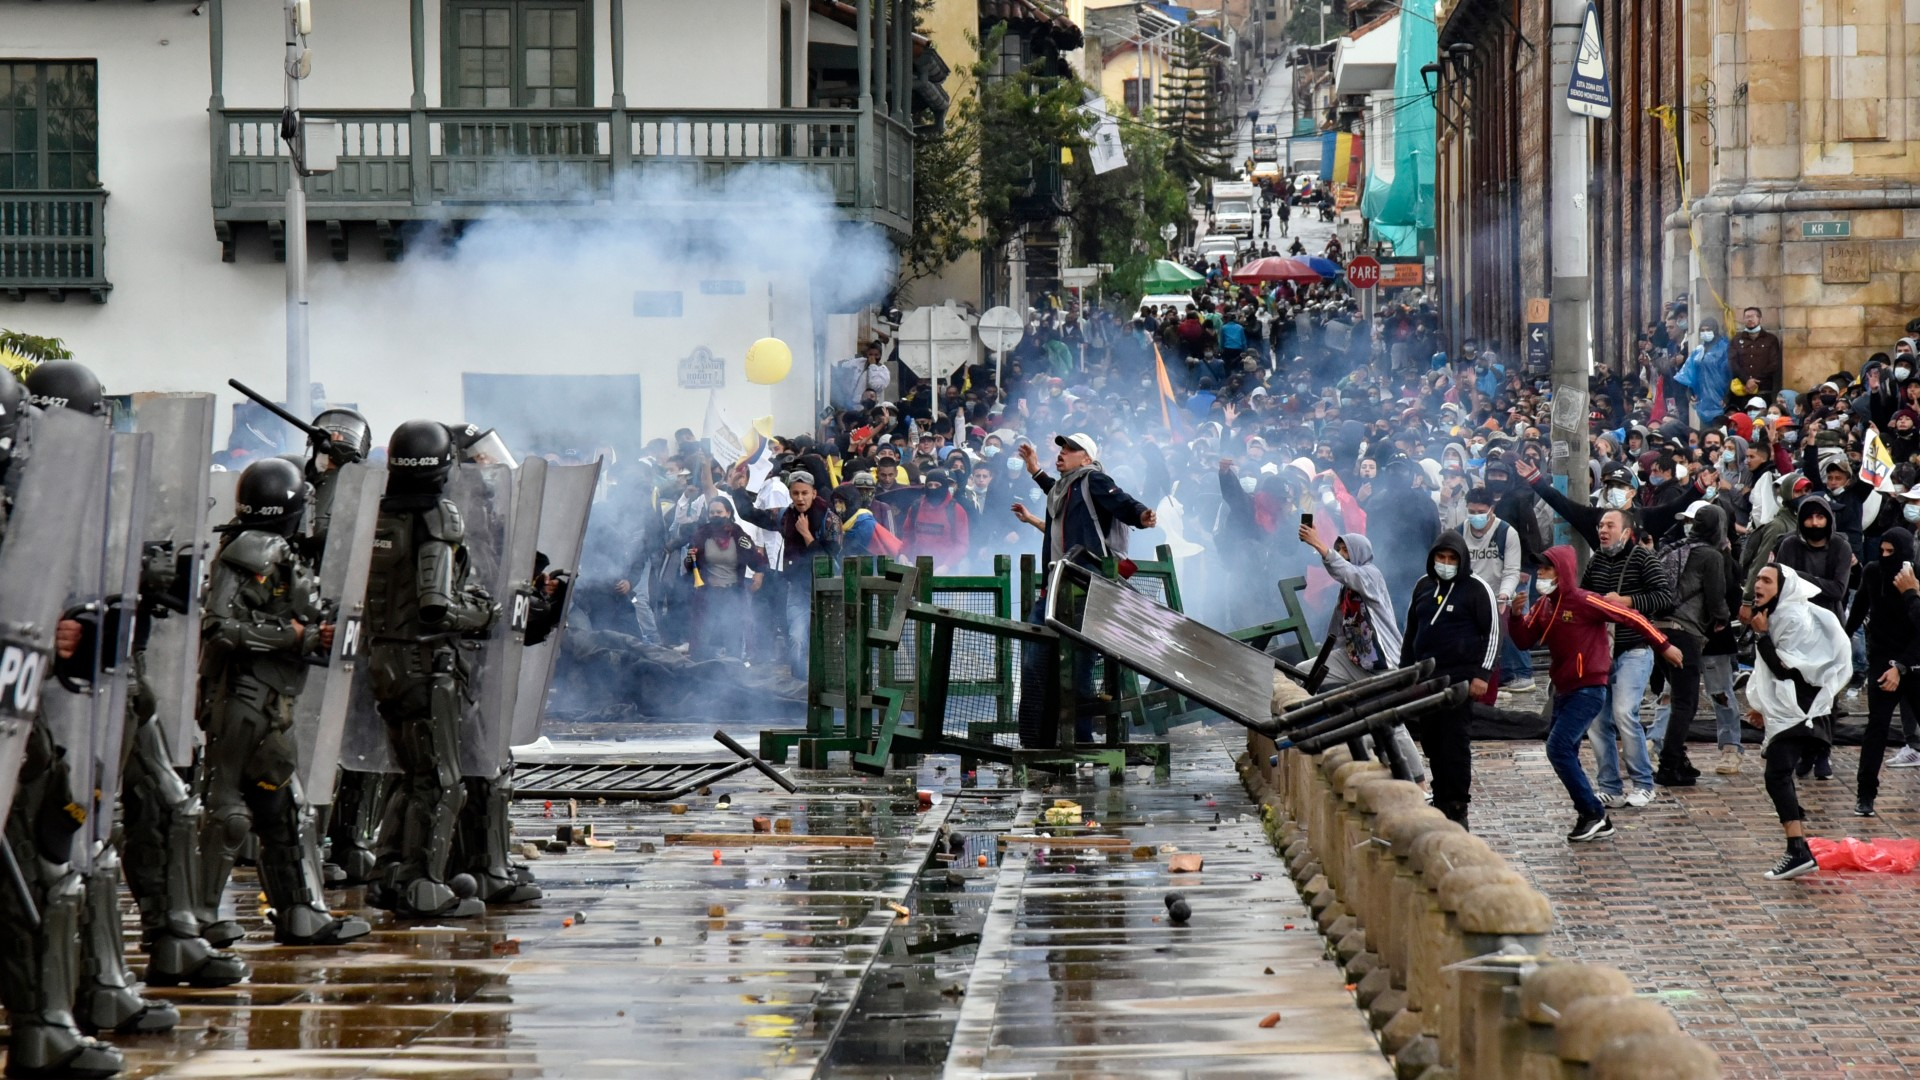 Muere al menos una persona tras manifestaciones contra la reforma tributaria en Colombia